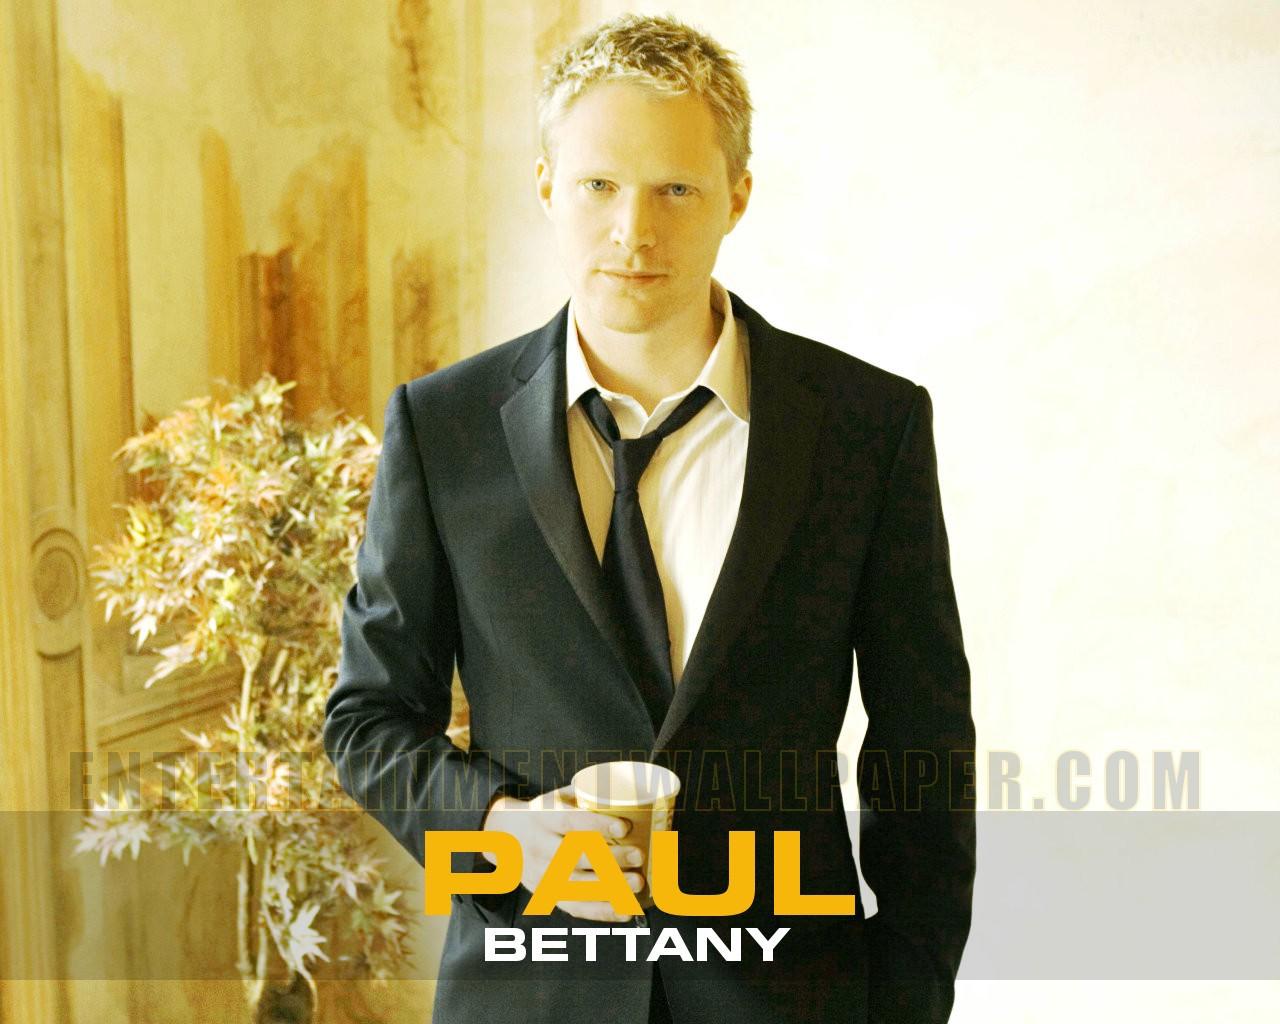 Paul Bettany For Desktop